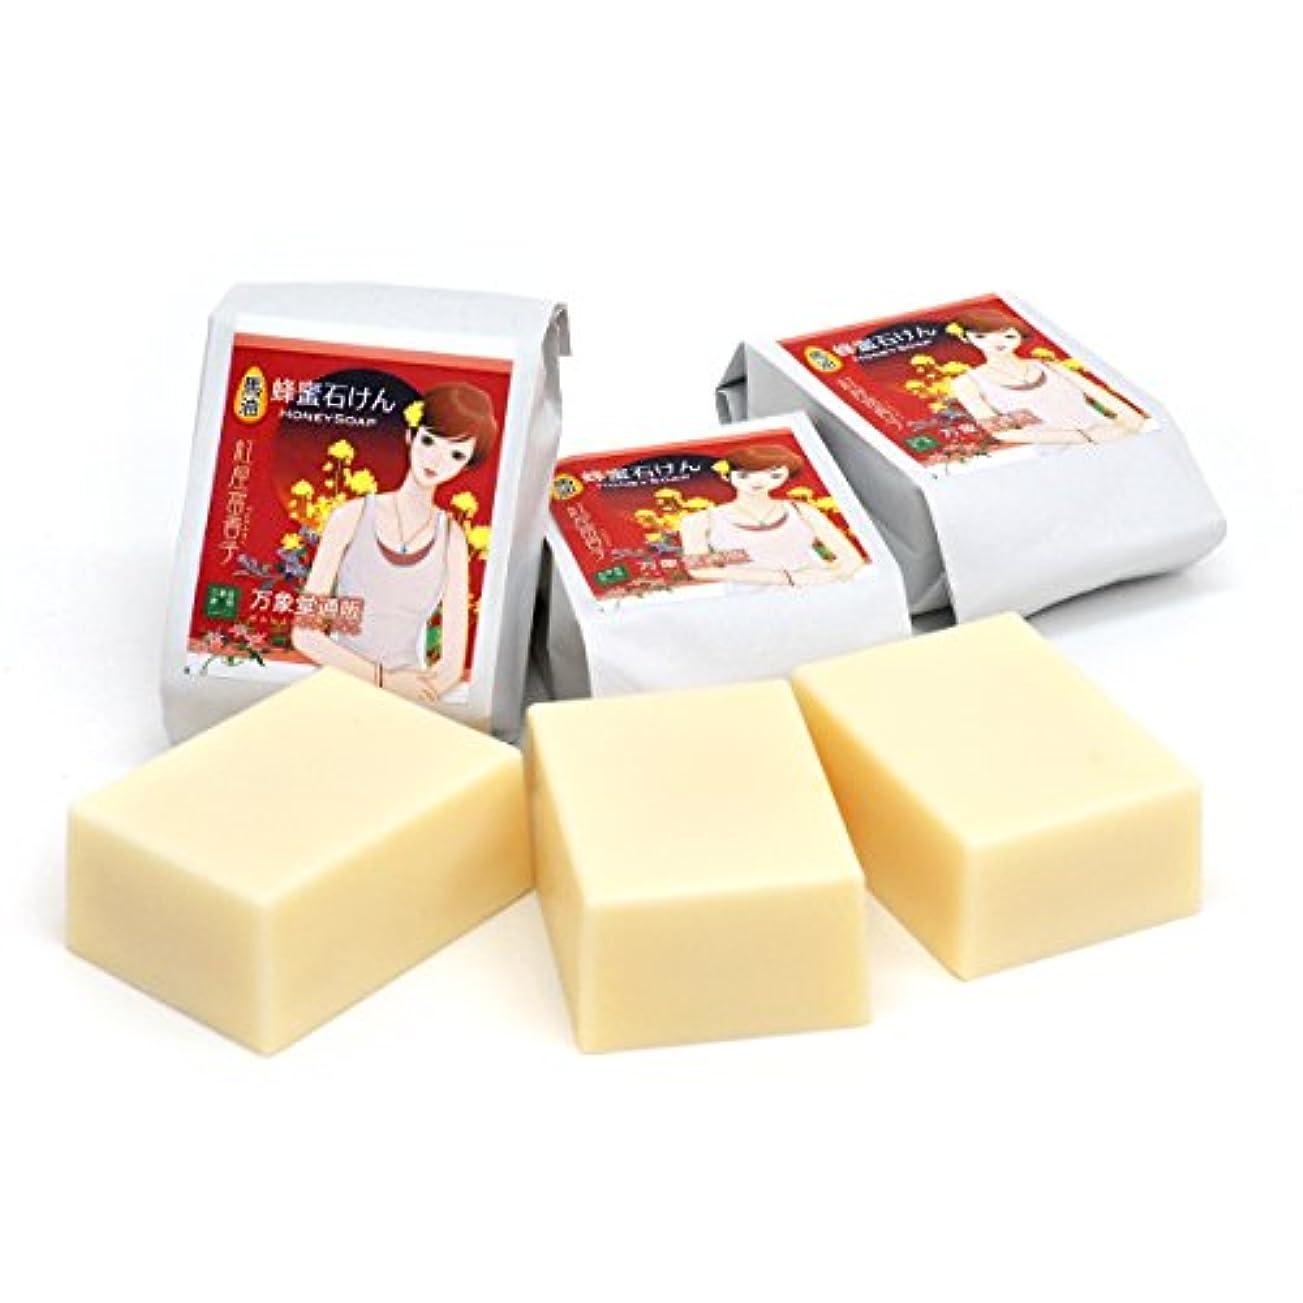 ポスト印象派切り刻む該当する森羅万象堂 馬油石鹸 90g×3個 (国産)熊本県産 国産蜂蜜配合